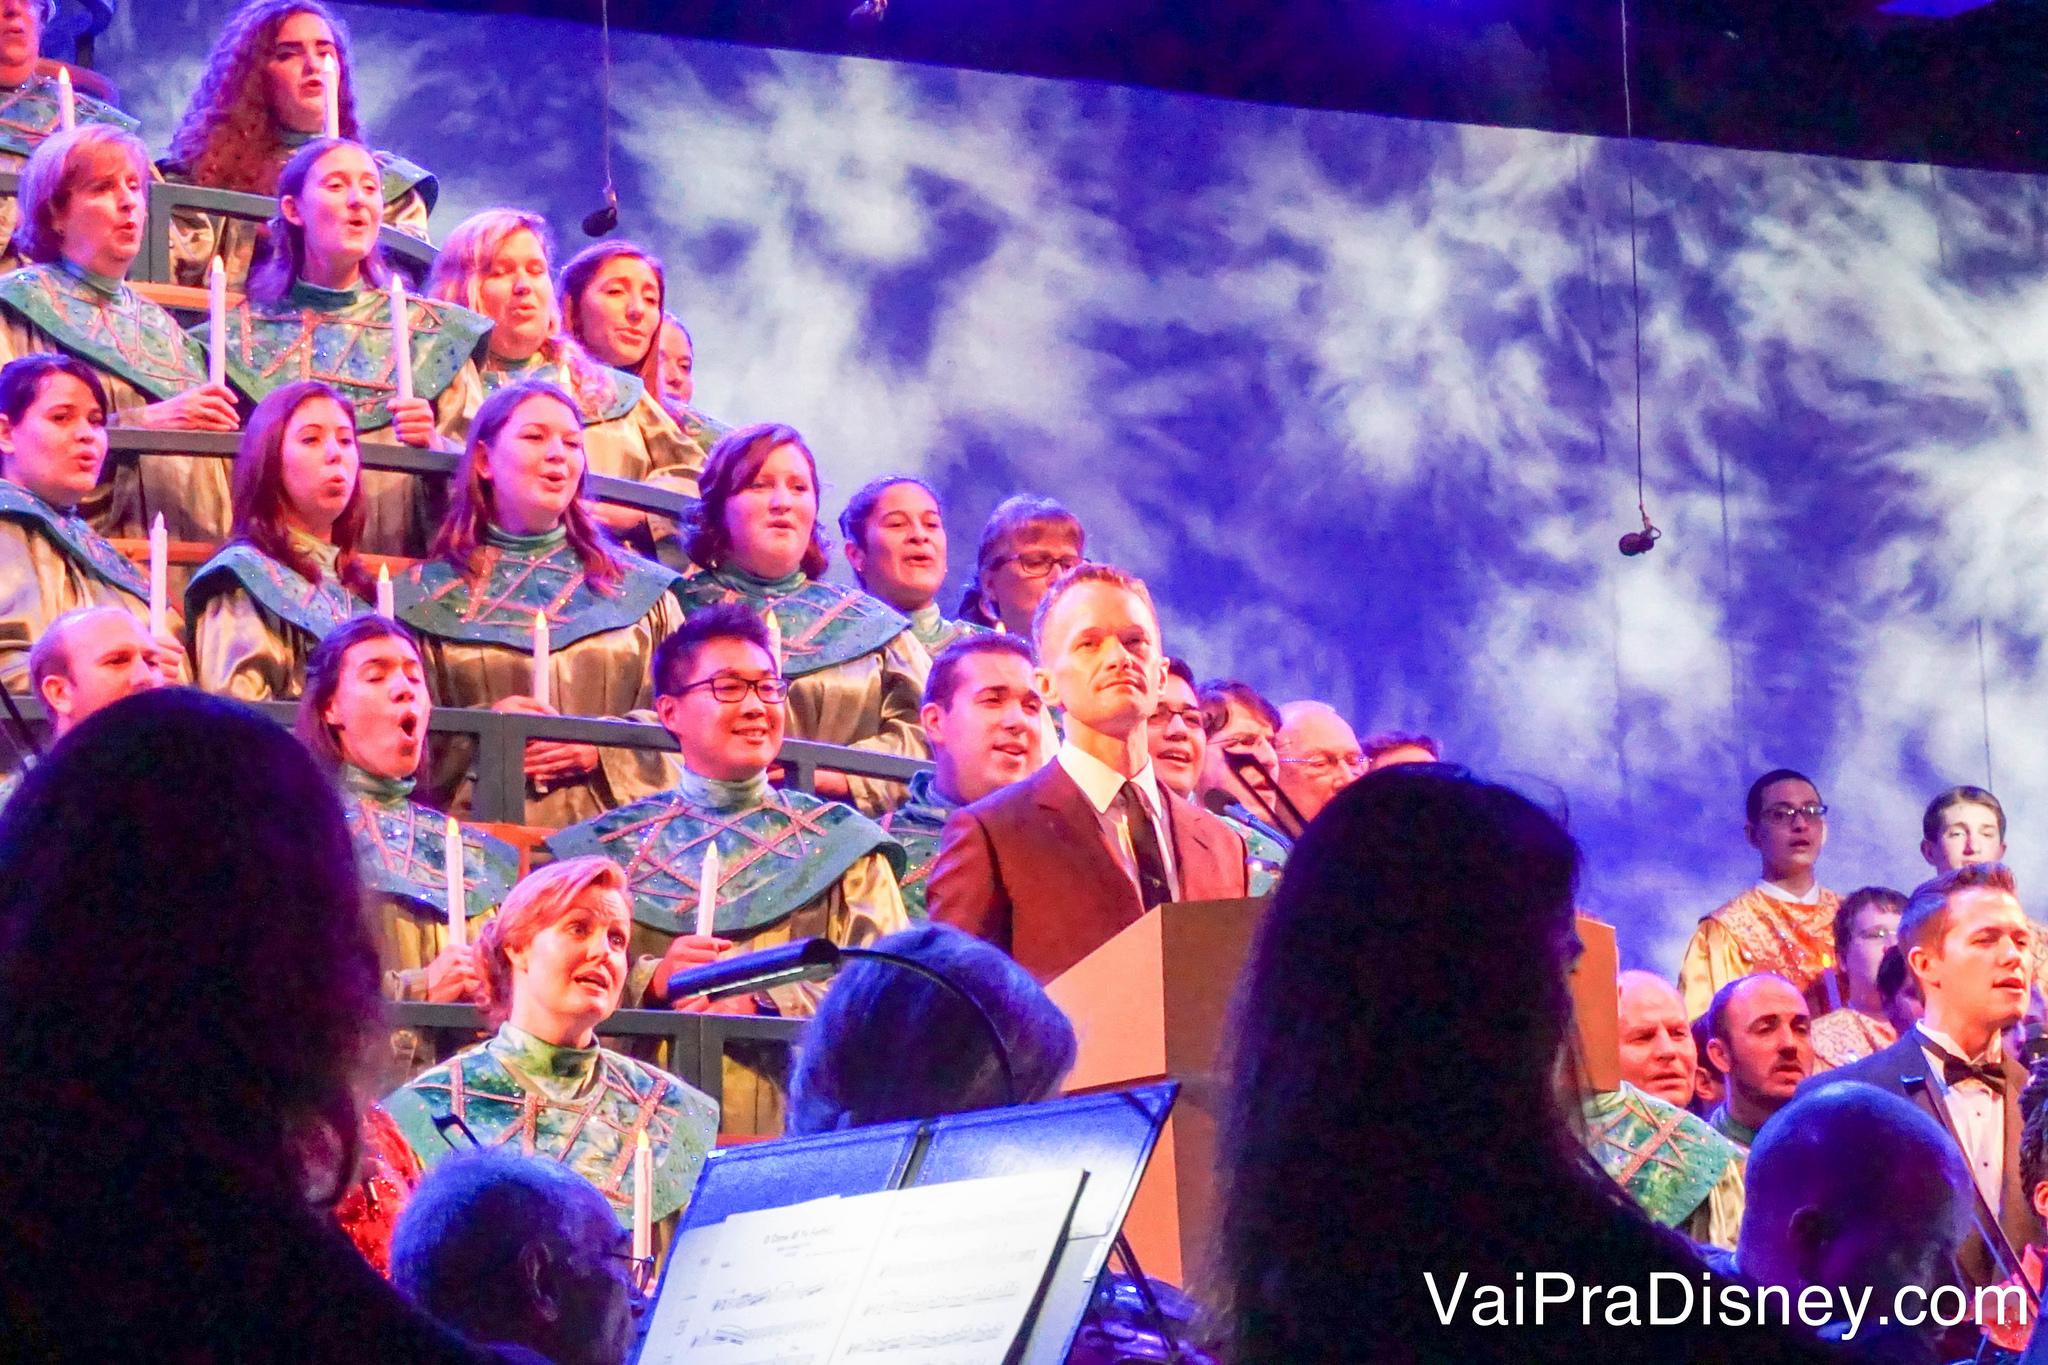 Foto da cantata de Natal do Epcot com o ator Neil Patrick Harris à frente, como narrador